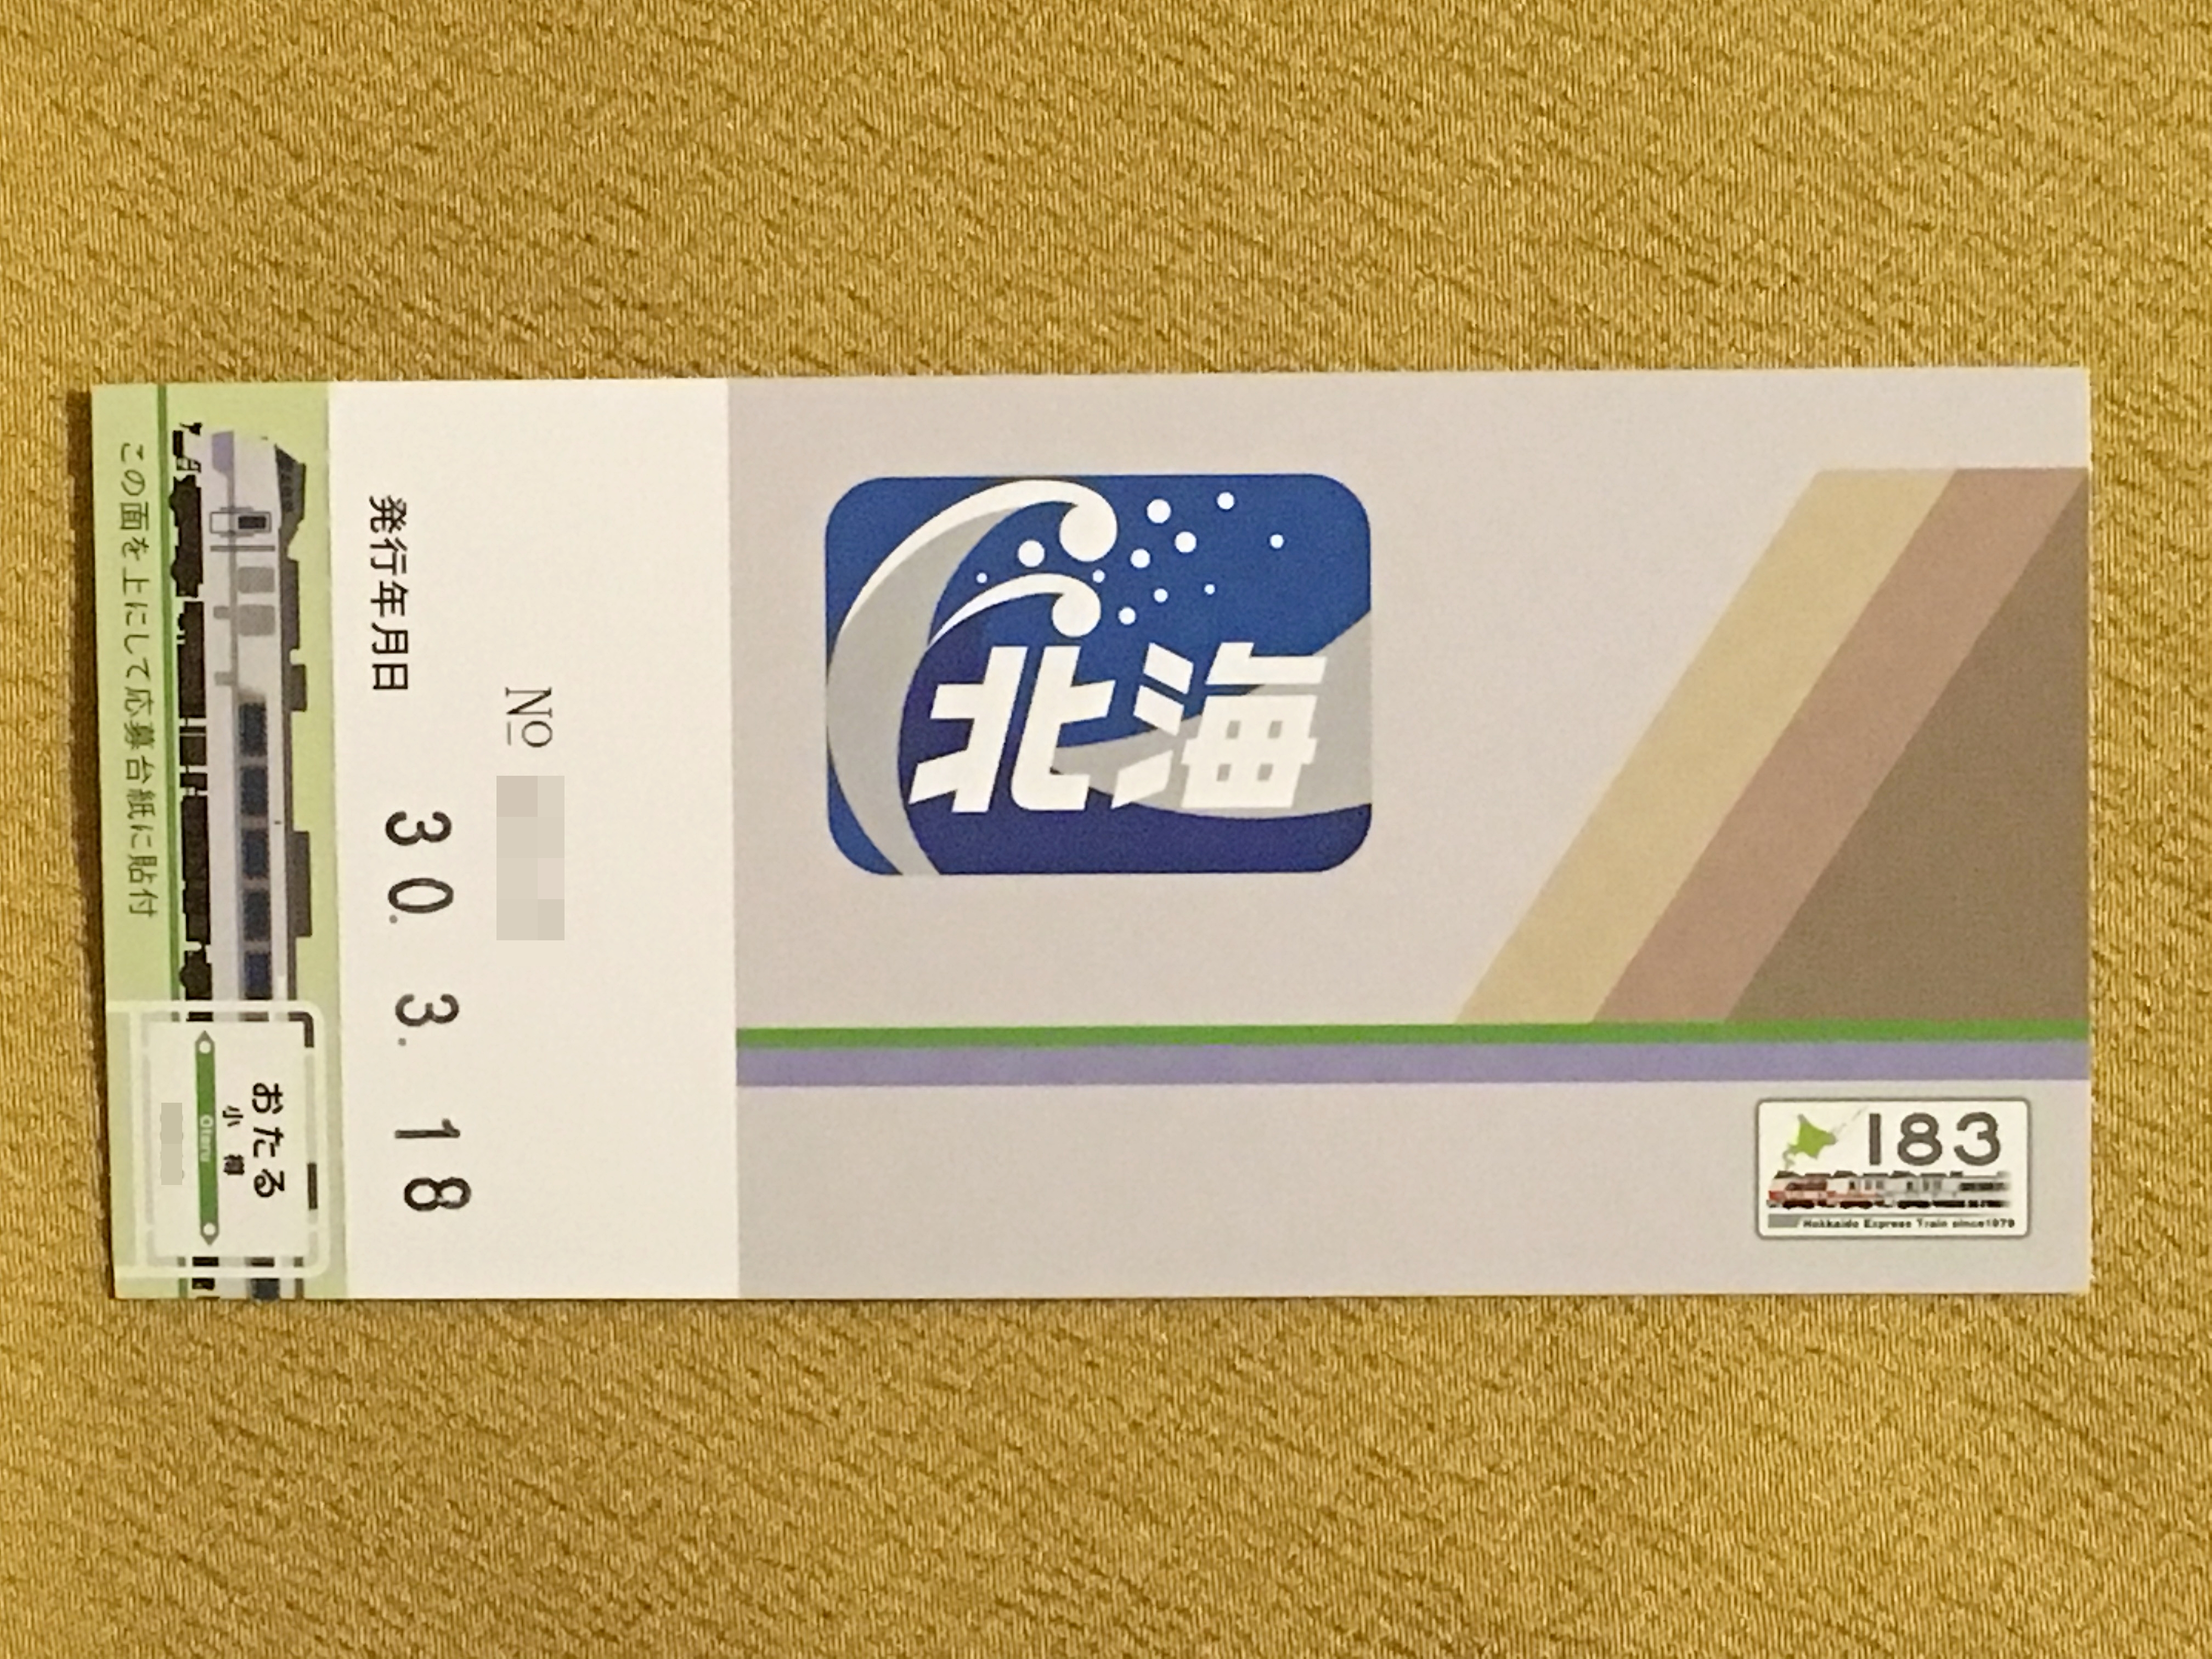 キハ183-0系記念入場券 小樽裏.JPG